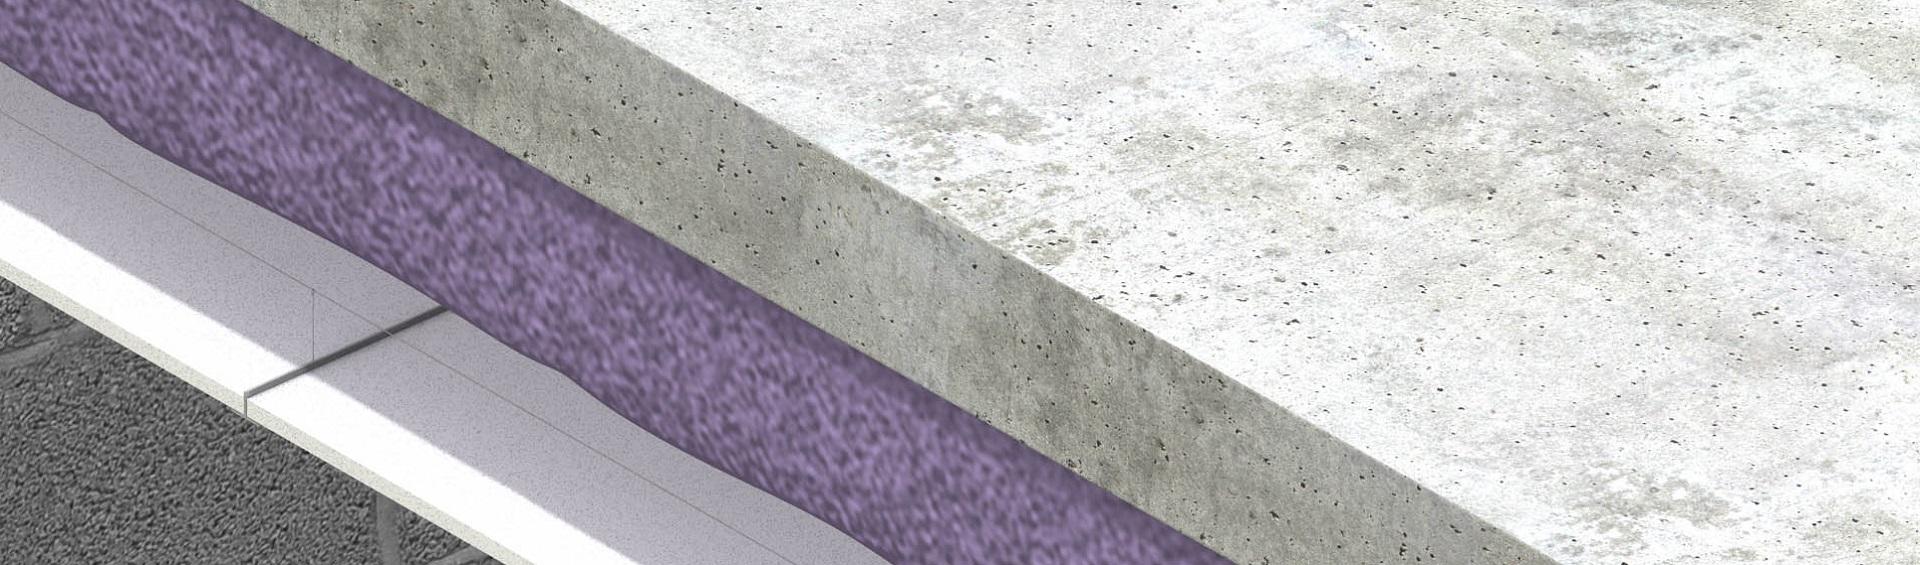 External Soffit Sprayfoaminsulation Ie